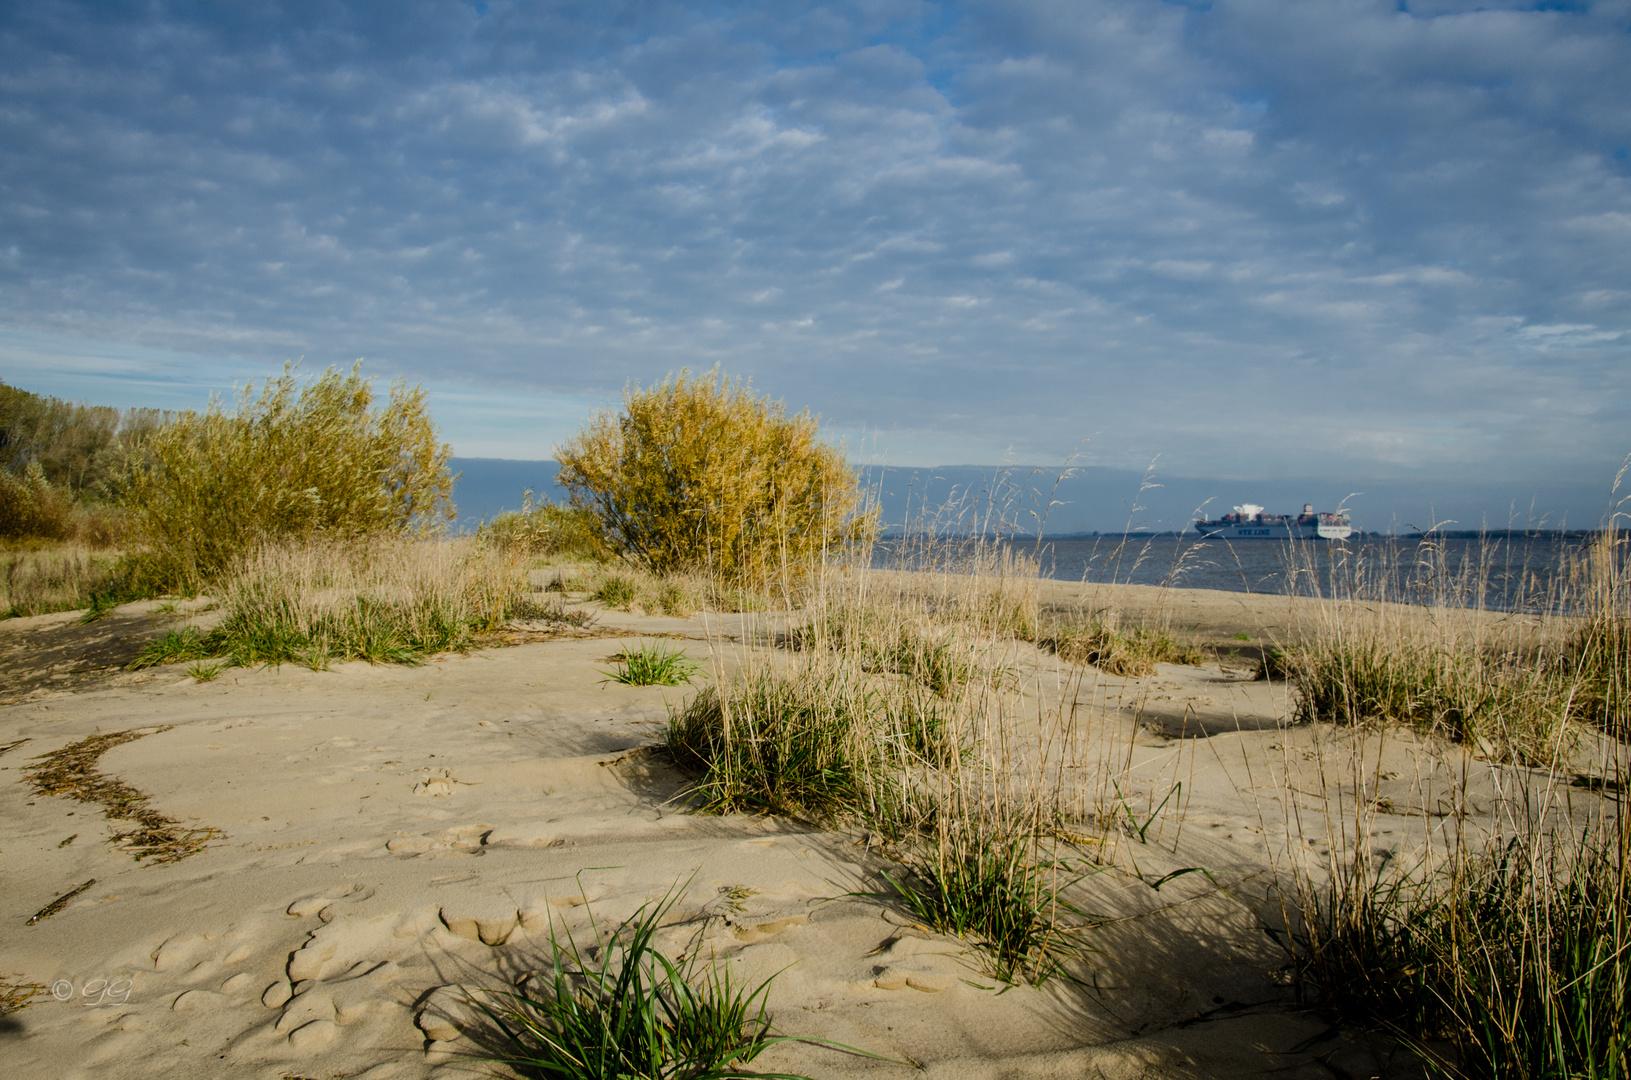 Herbstmorgen auf Krautsand